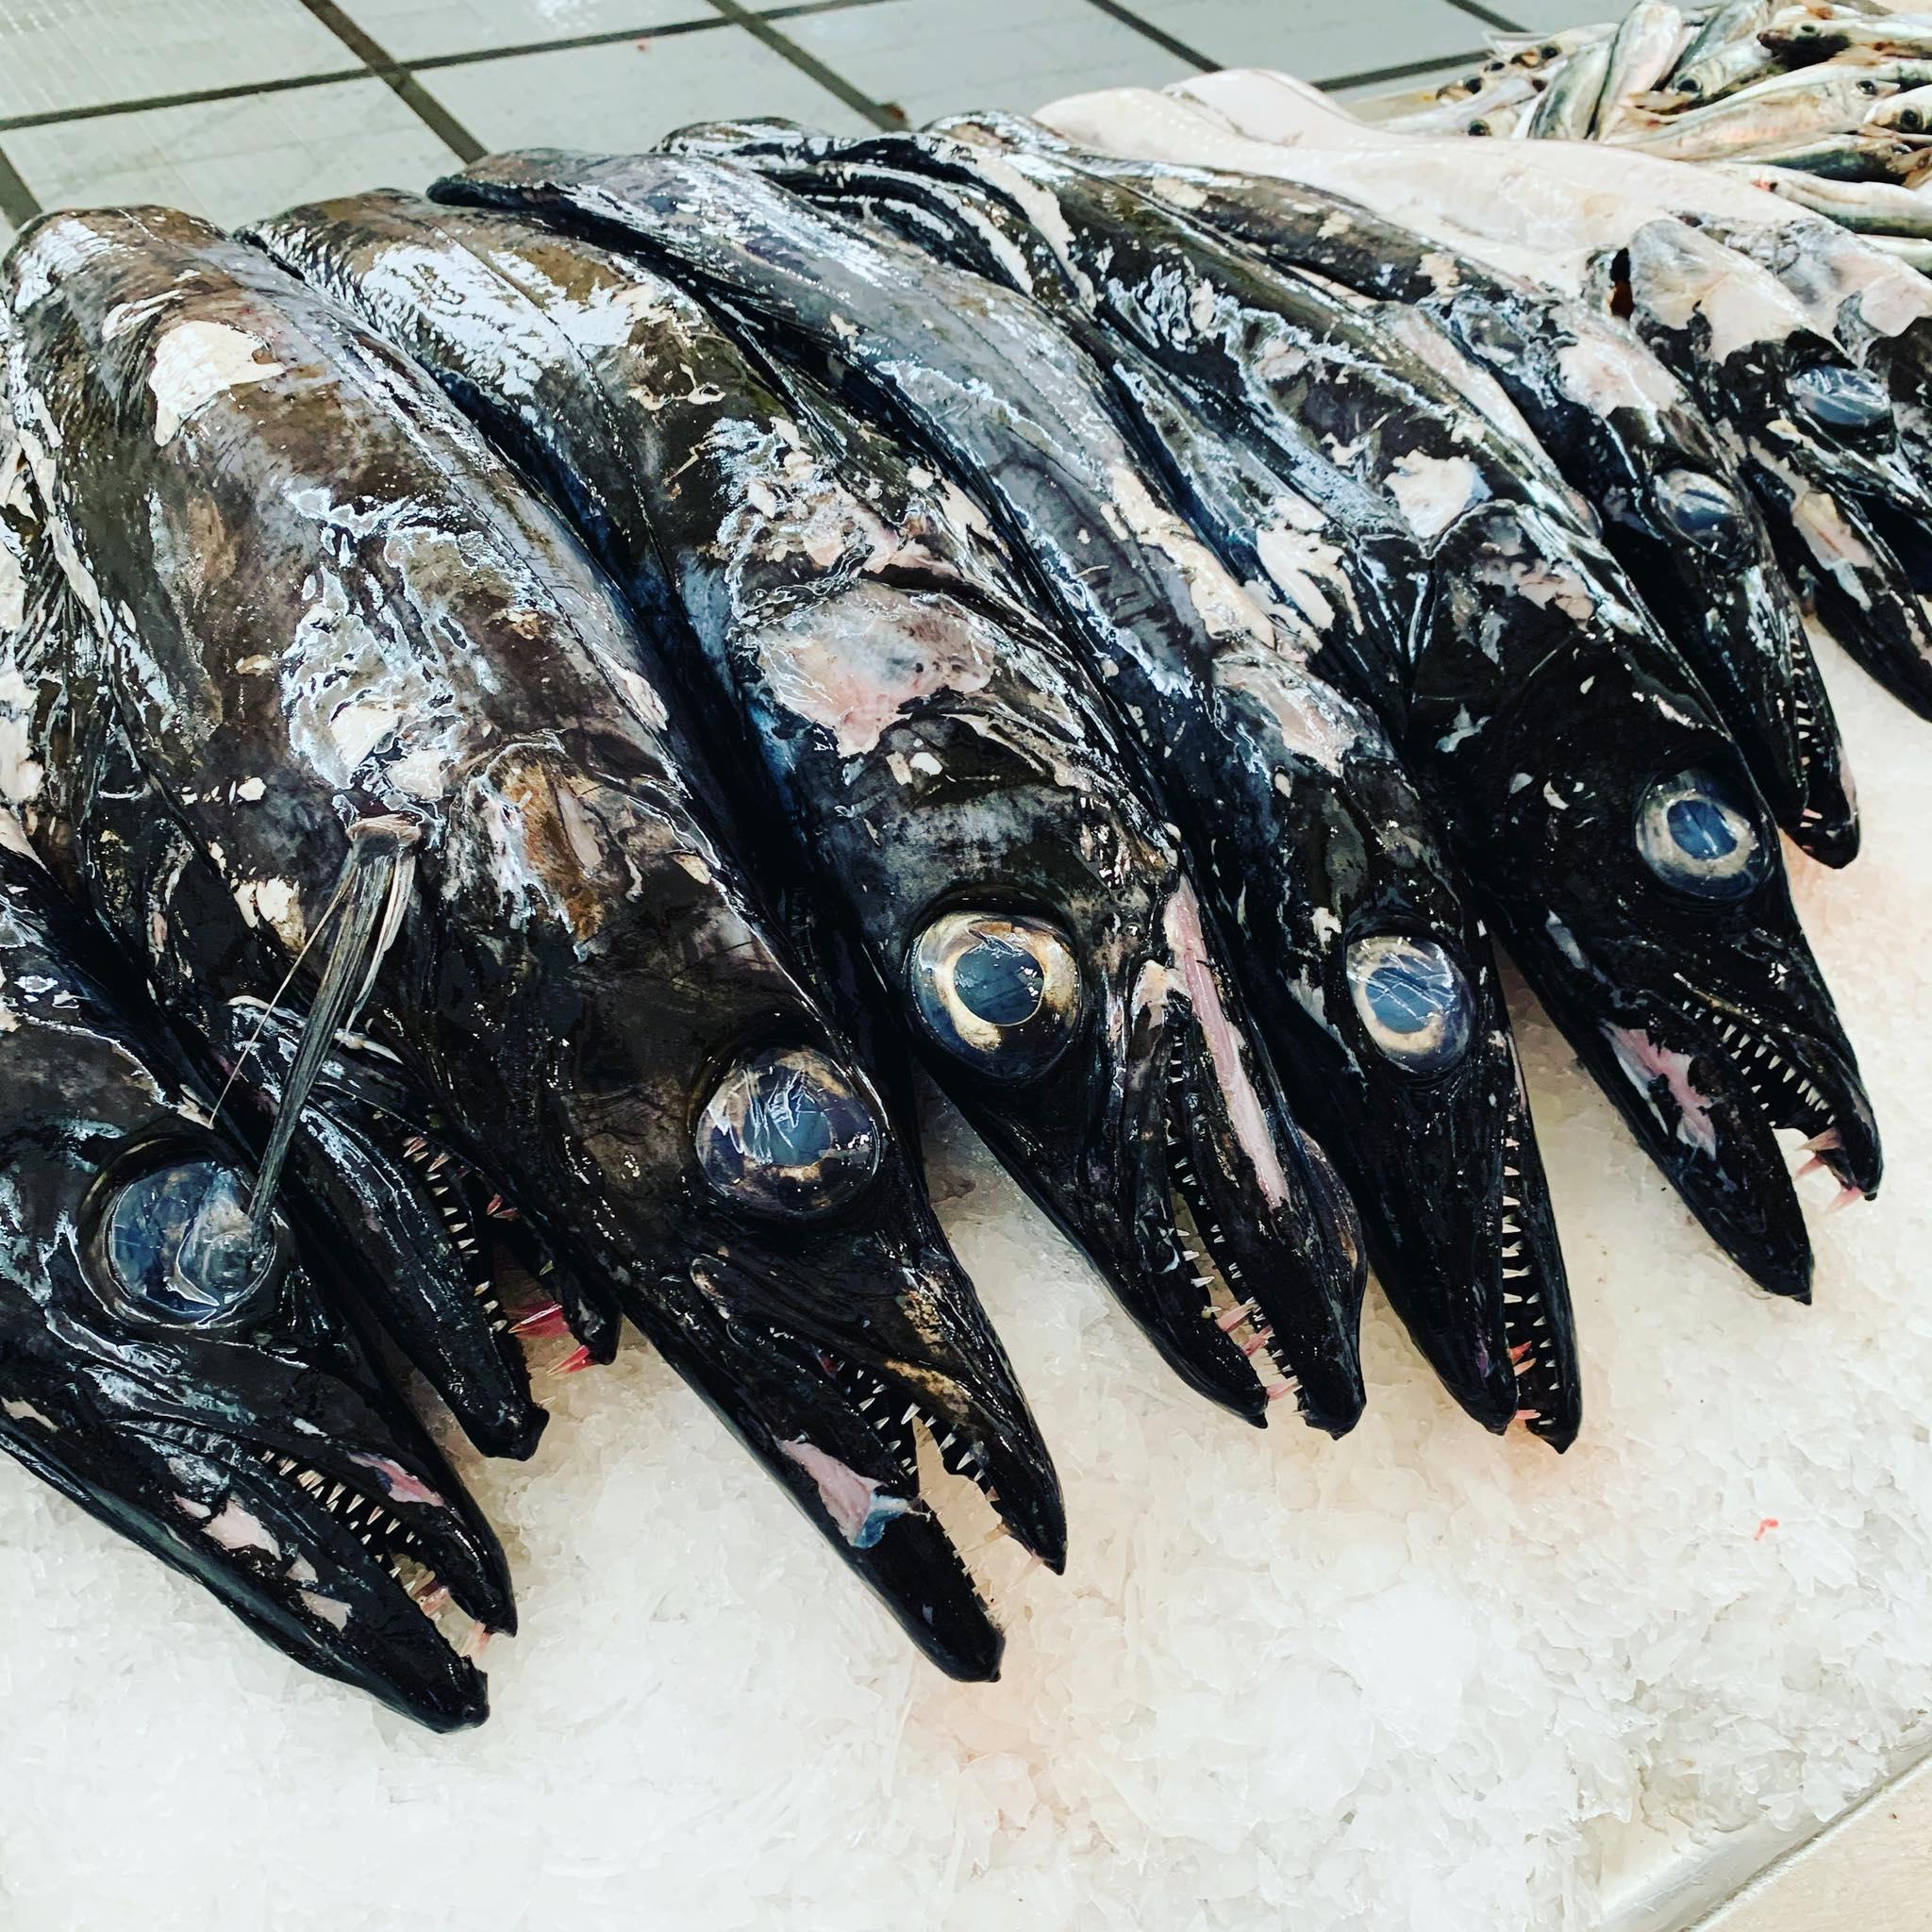 Espada Preto - czyli pałasz czarny żyjący w Oceanie Atlantyckim pomiędzy 69 N a 27 N na głębokości od 200 do 1700 m. Ryba drapieżna, która w nocy w toni wodnej wynurza się do głębokości około 200 m aby żerować. Żywi się rybami, skorupiakami i głowonogami. Przepyszna ryba, która tradycyjnie podawana jest ze smażonym bananem na Maderze. Mniam 😋 Zawsze podczas wycieczki Zachód jemy Lunch w lokalnej restauracji w São Vincente Ferro Velho. #maderaryszardbaraban #madeiranowordsneeded #madeira #ryszardmadera #przewodnik #guide #polskiprzewodniknamaderze #wycieczki #polskiewycieczki #pałasz #espadapreto #ryby #rybydrapiezne #travel #visitmadeira #instatravel #oceanatlantycki #portugal #portugalia #polskadziewczyna #polskichłopak #warsawgirl #warsawboy #katowicegirl #katowiceboy #połowy